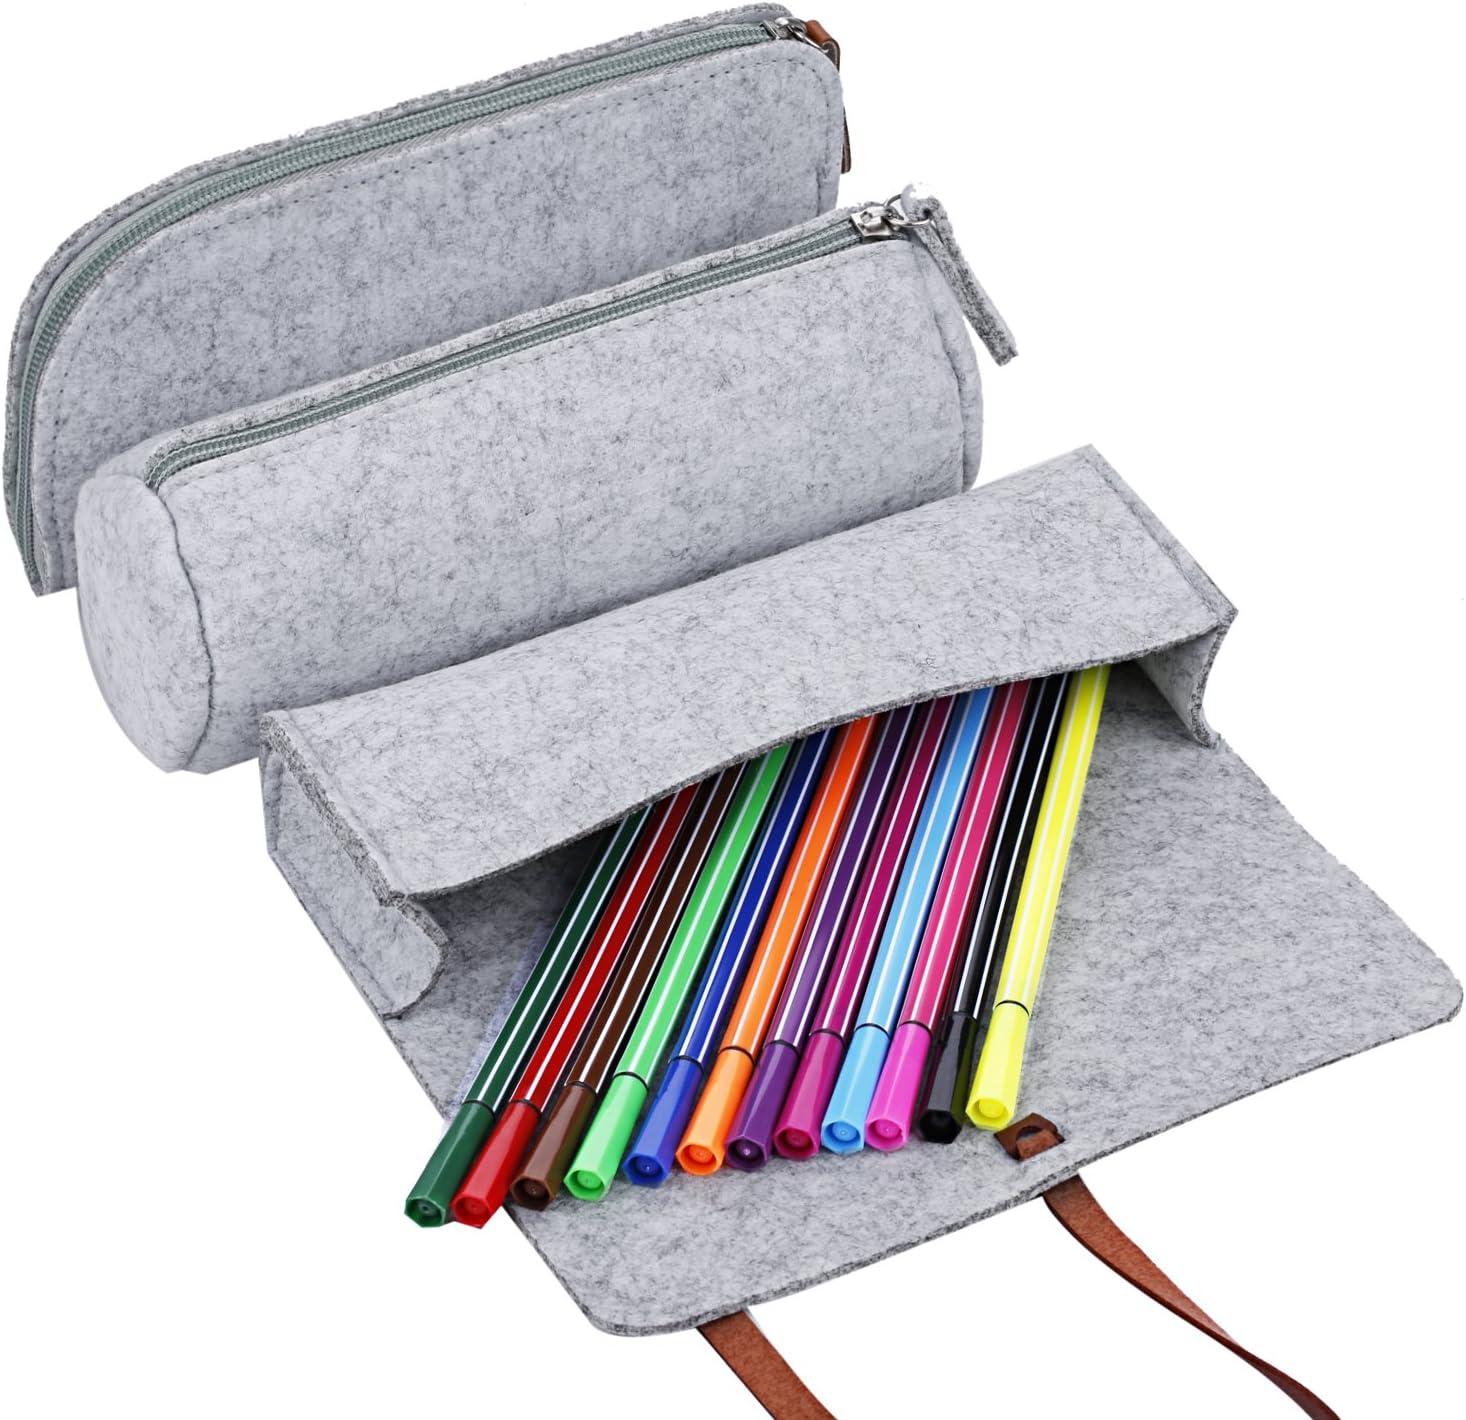 Gris Claire 2 COOFIT Trousse Scolaire// Sac Crayon 3 PCS Sac Trousse /école Trousse Scolaire Trousse Crayon//Stylo en Feutre en Laine Douce